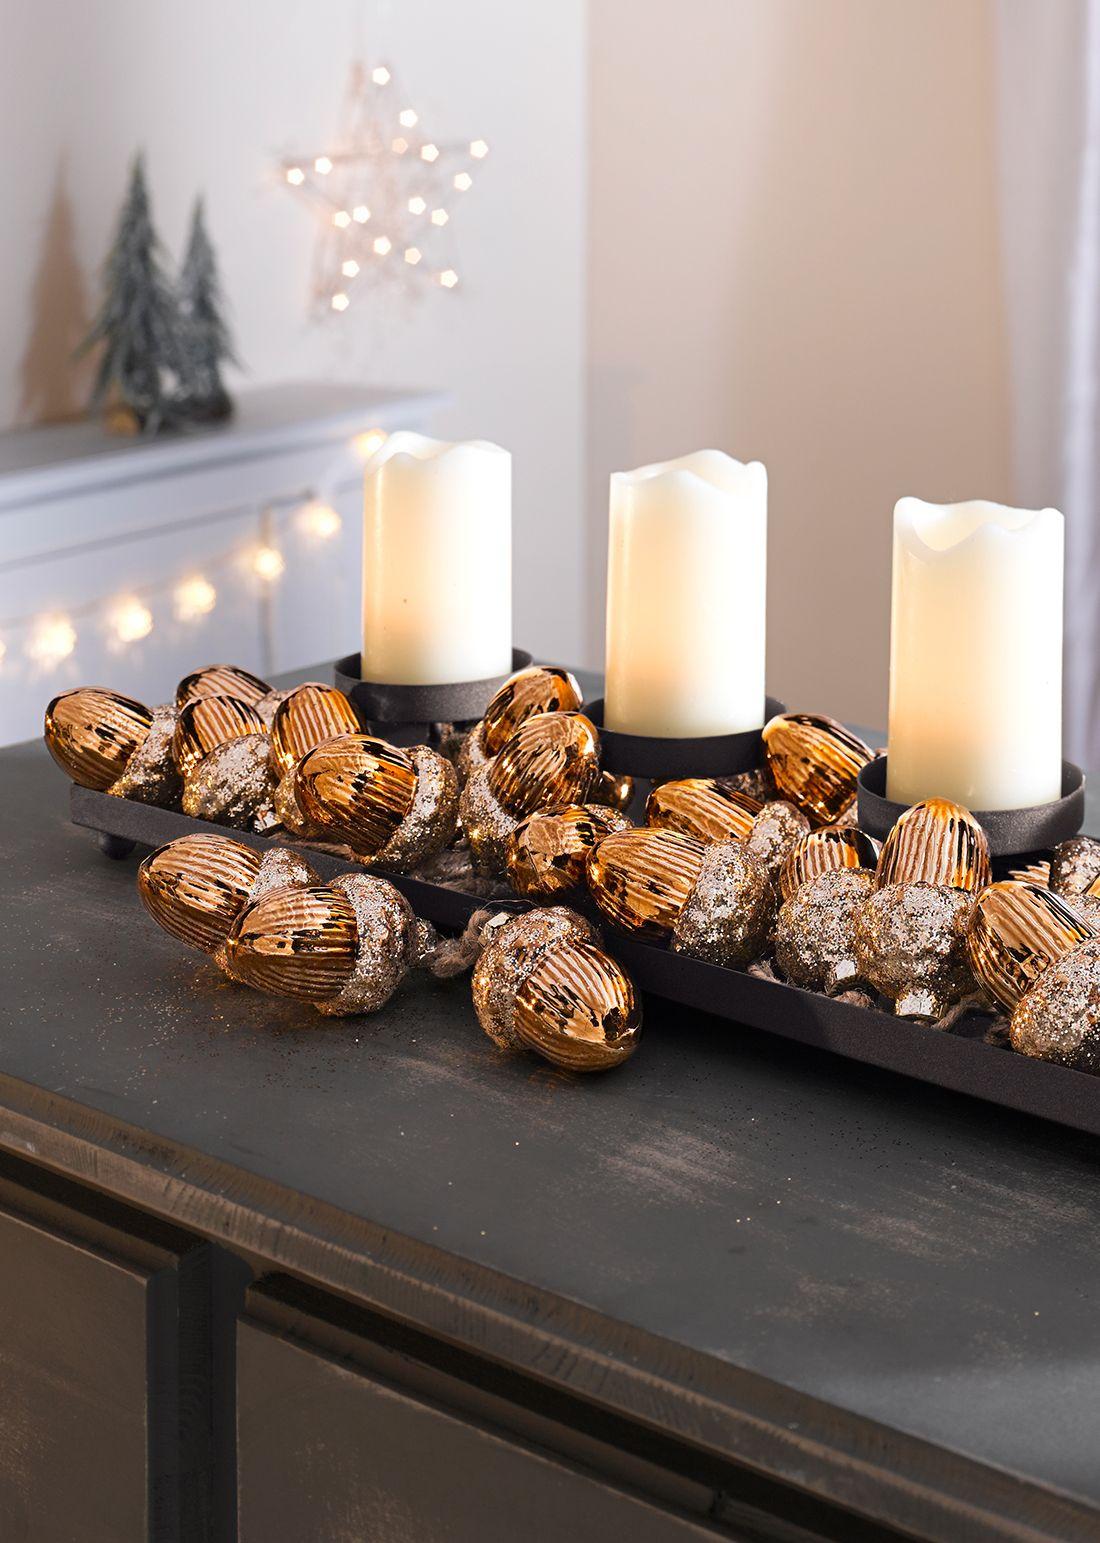 Weihnachtsdeko Klingel.Glänzende Eicheln Die Aus Ihrem Wohnzimmer Einen Zauberwald Machen